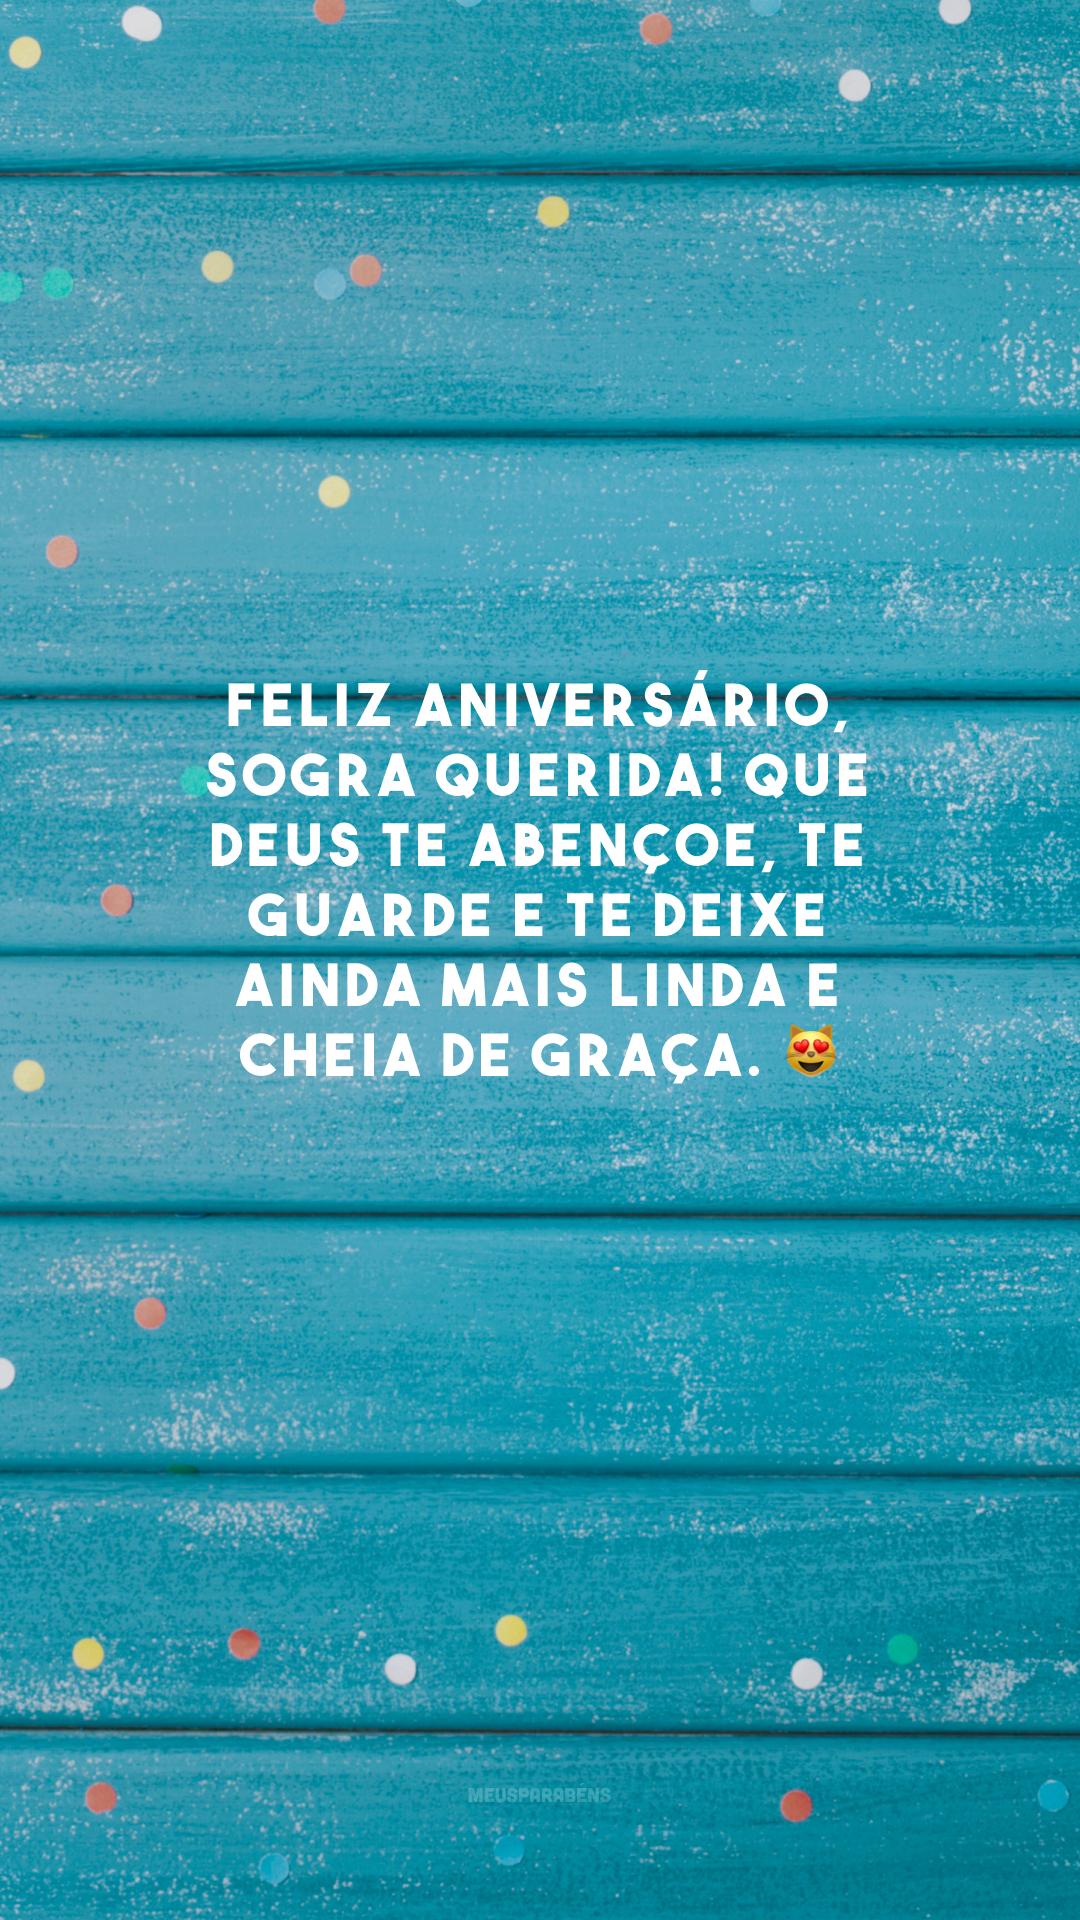 Feliz aniversário, sogra querida! Que Deus te abençoe, te guarde e te deixe ainda mais linda e cheia de graça. 😻